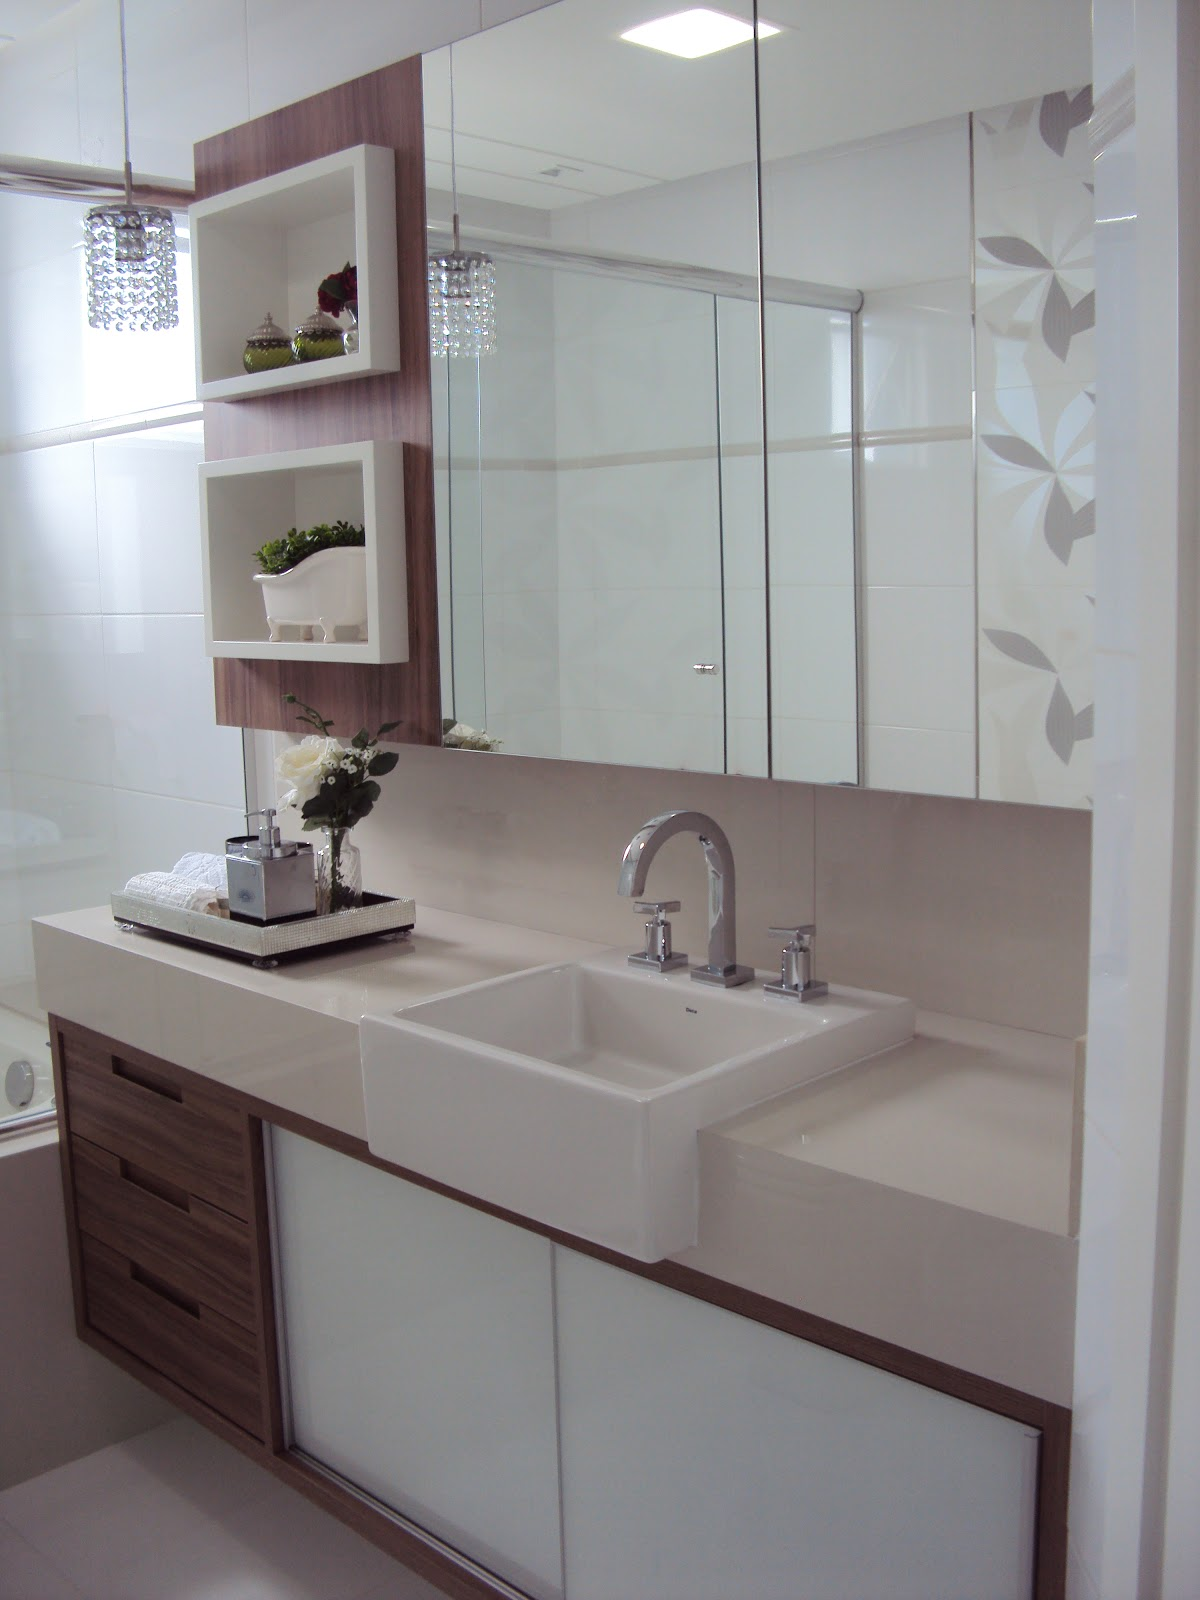 Imagens de #3C2C2C Já no banho do casal o balcão é todo fechado para acomodar toalhas  1200x1600 px 3698 Banheiros Prontos Fotos